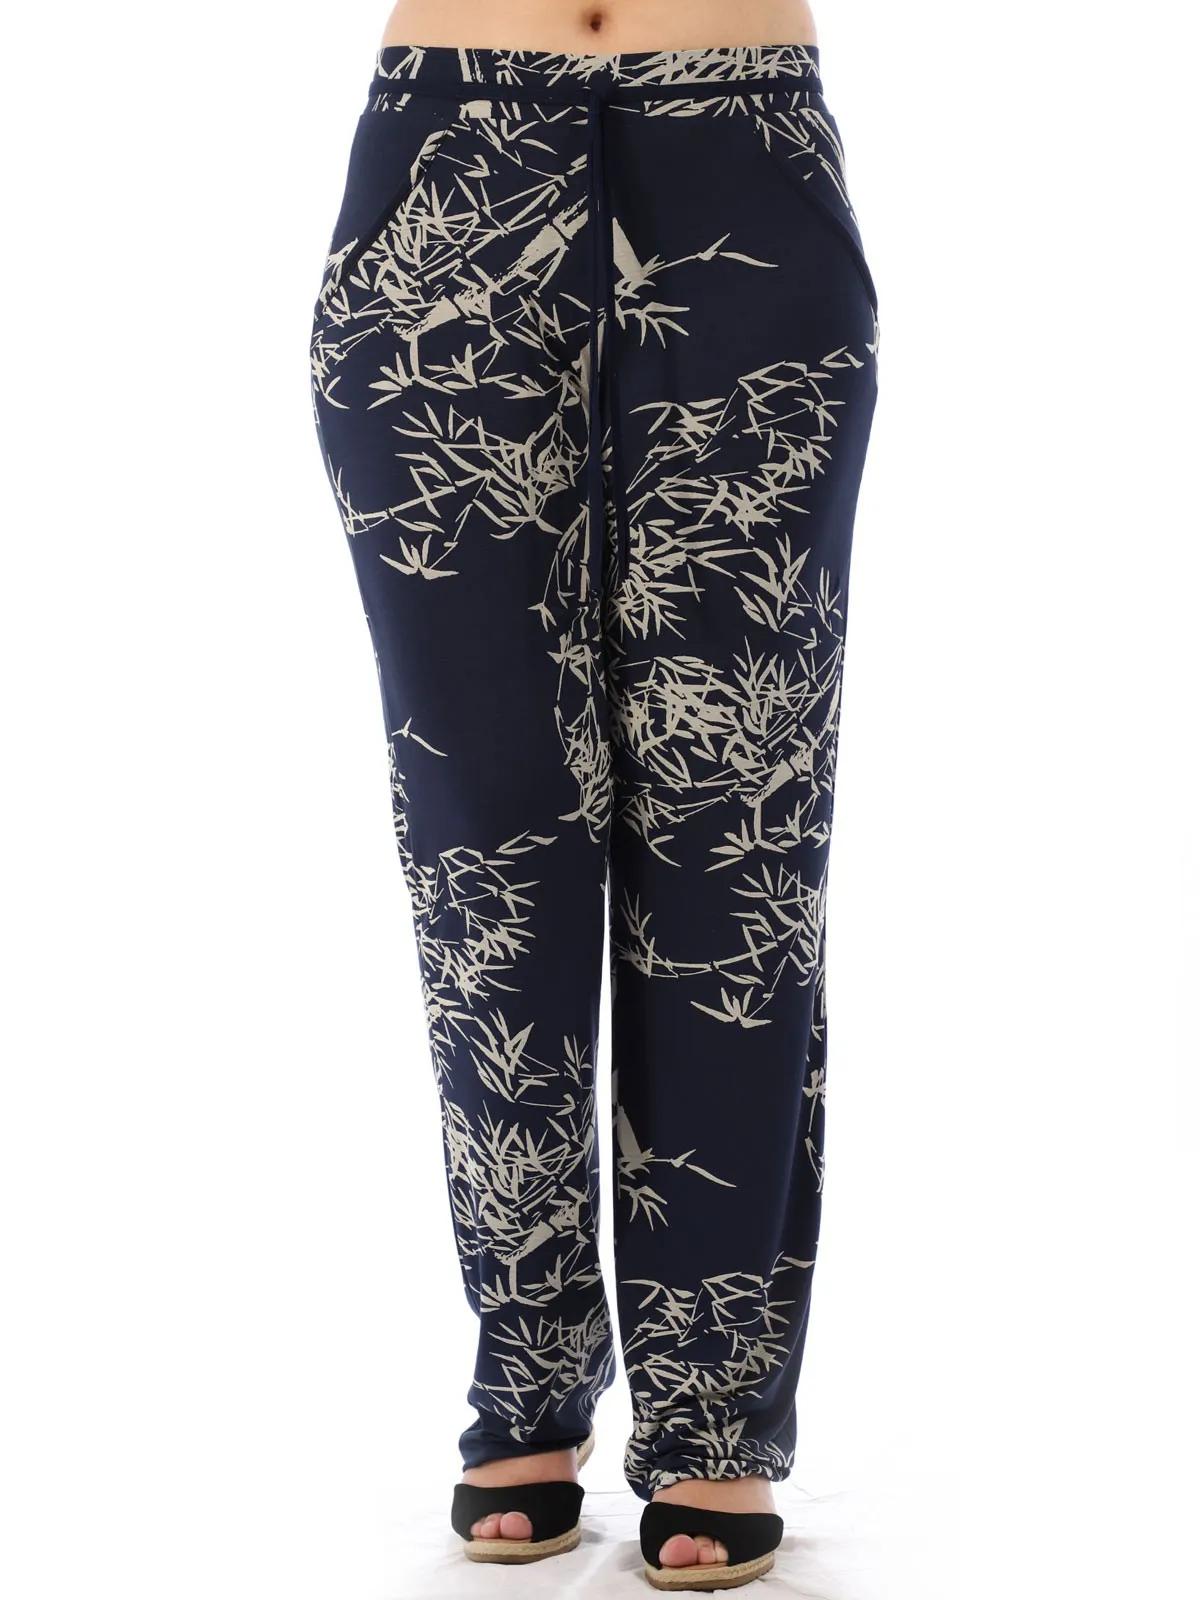 Calça Pantalona Feminina Viscolycra Estampada Azul Marinho